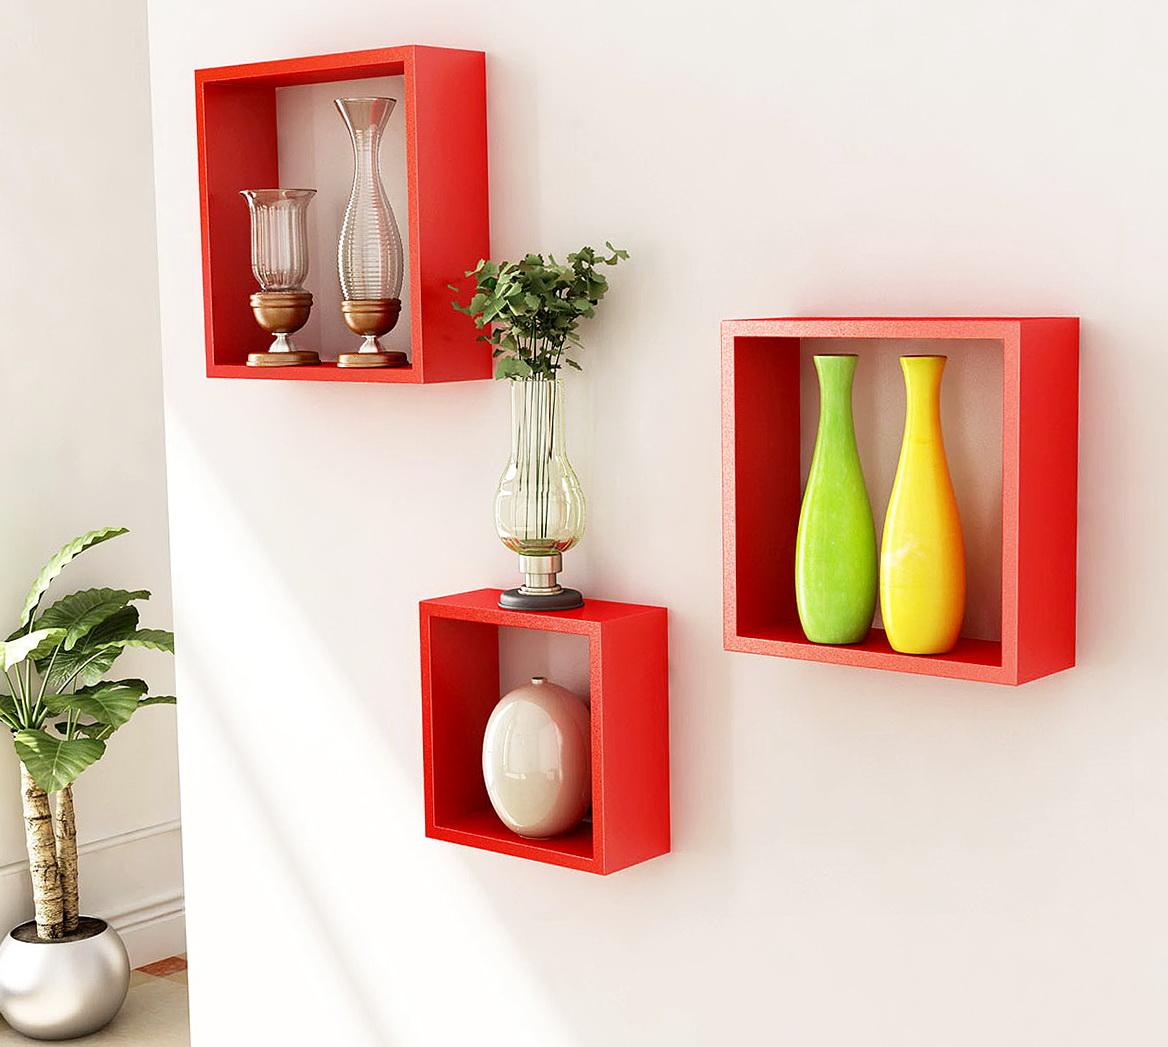 Wall Cube Shelves Wood